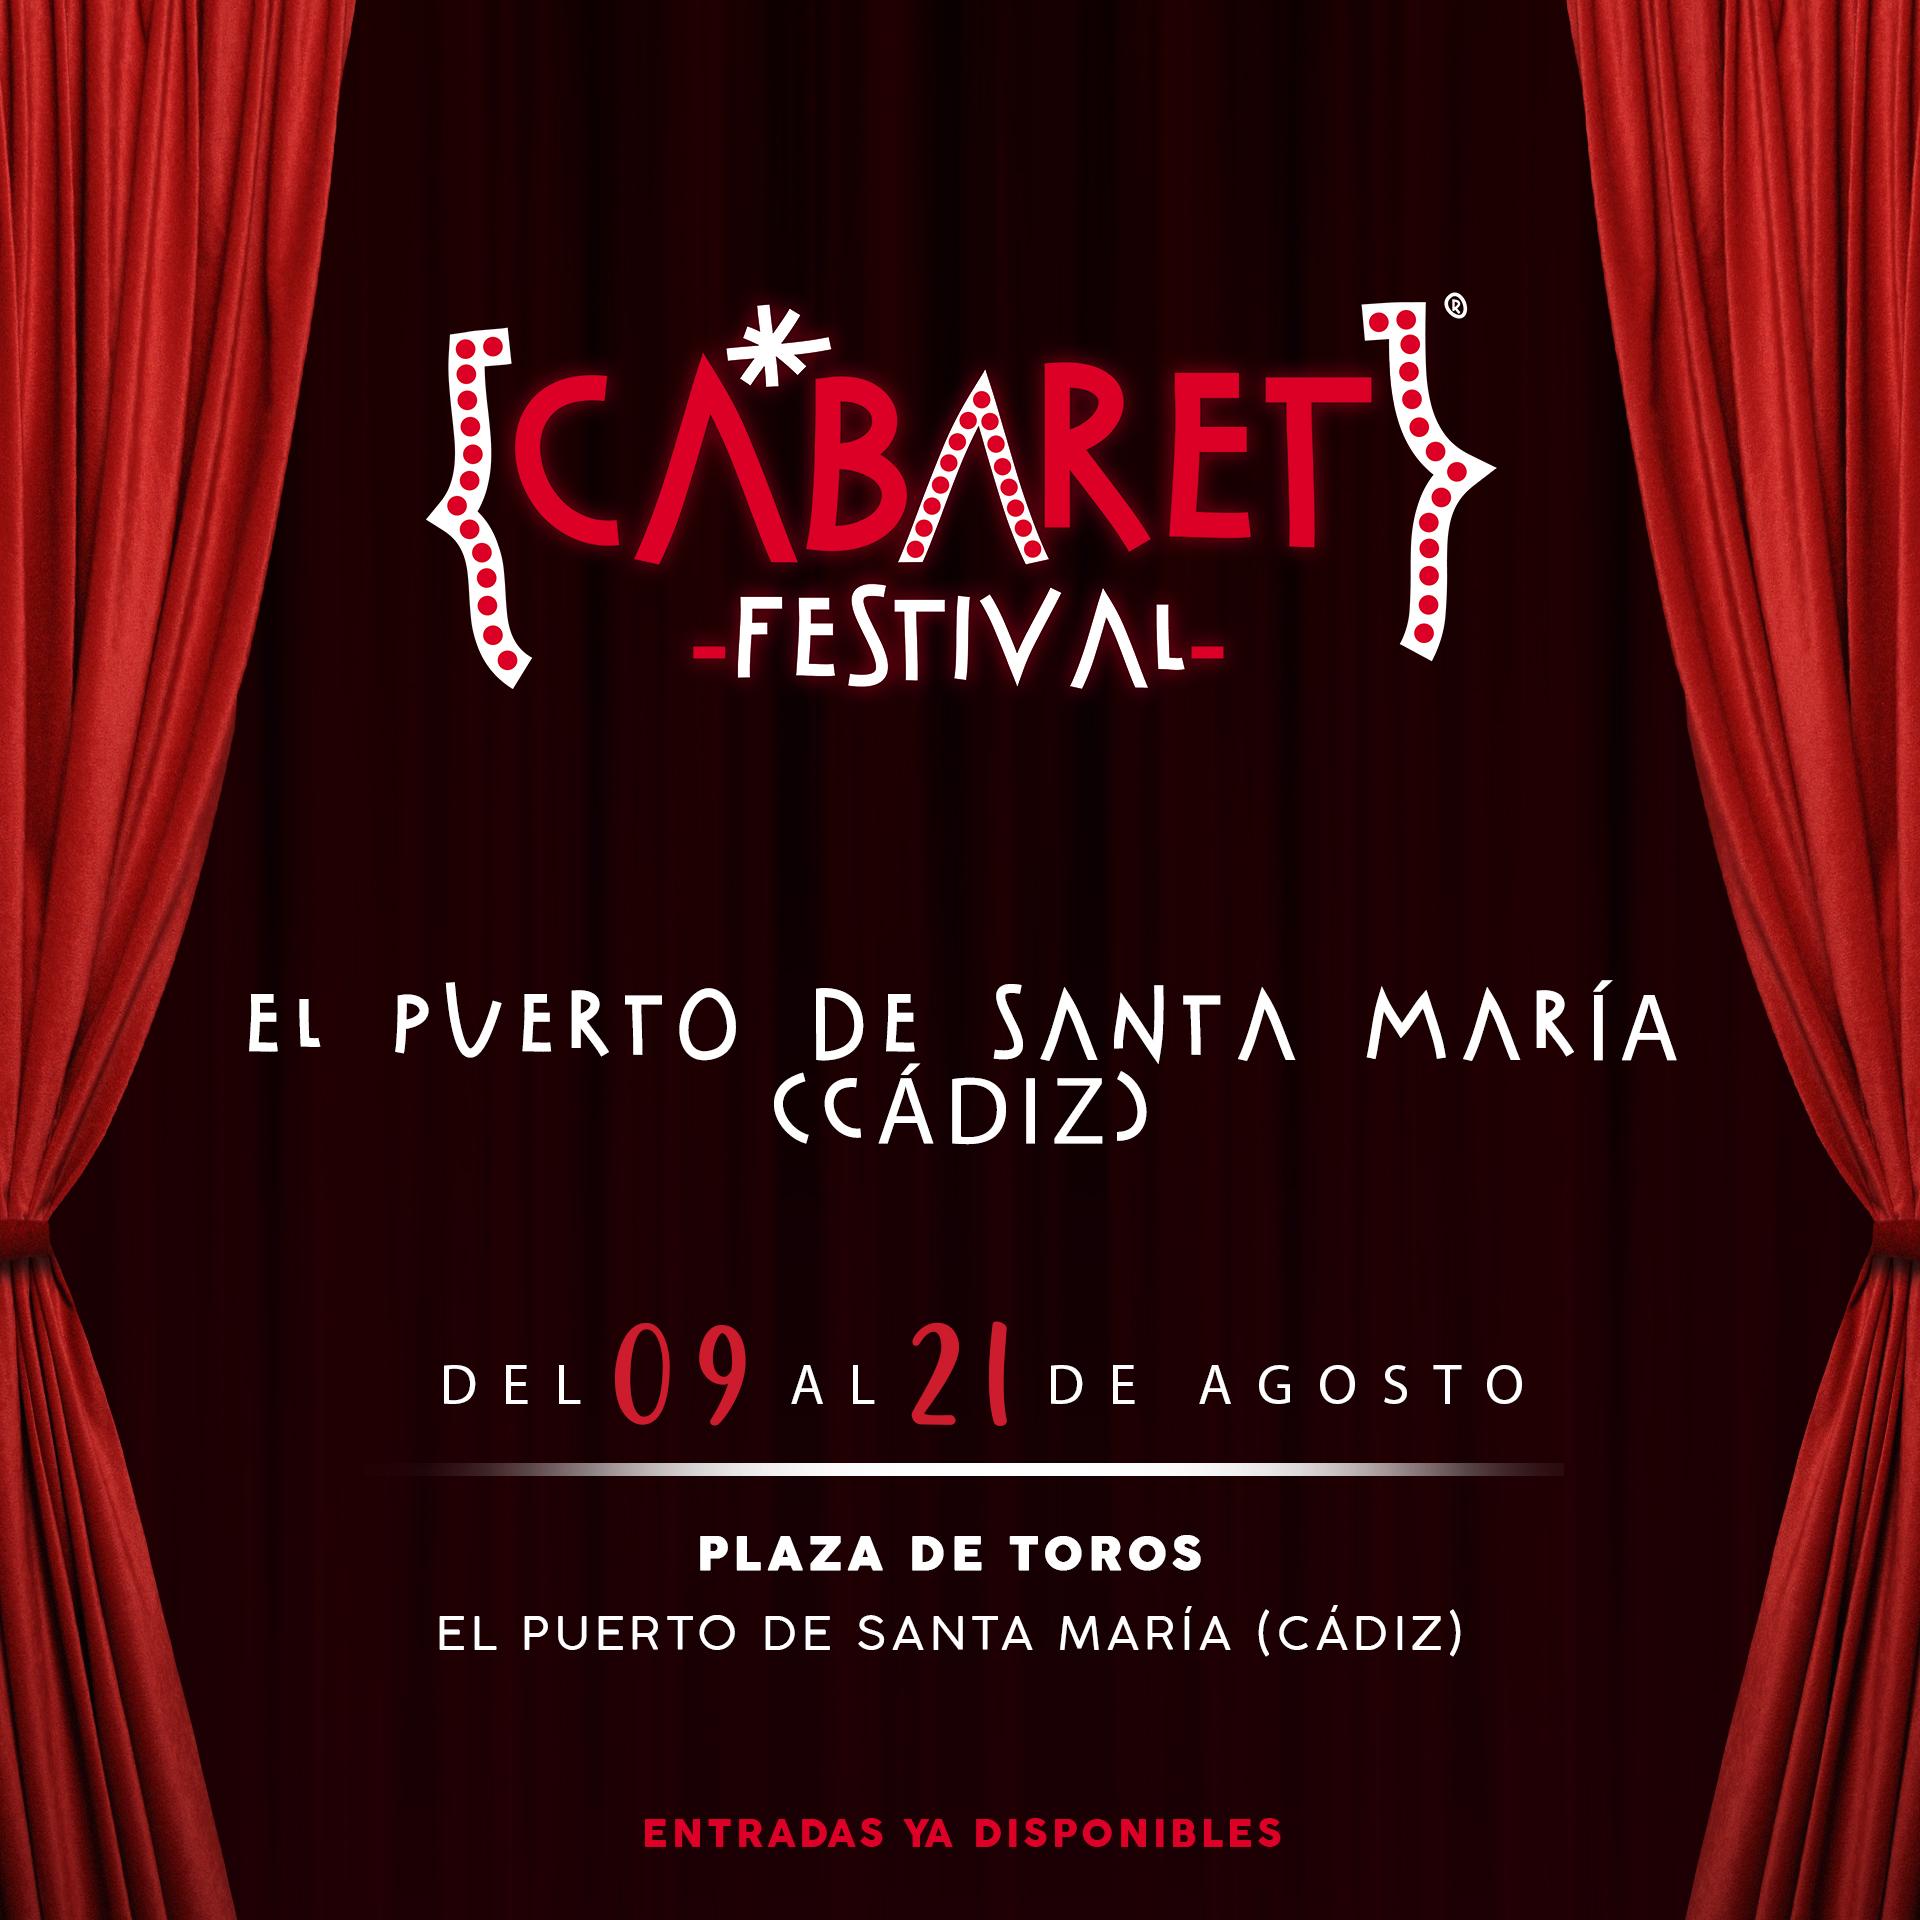 Ya están disponibles las entradas para disfrutar de los conciertos y espectáculos de los artistas confirmados en Cabaret Festival en El Puerto De Santa María (Cádiz), que tendrá lugar del 09 al 21 de agosto en la Plaza de Toros de La Ciudad.